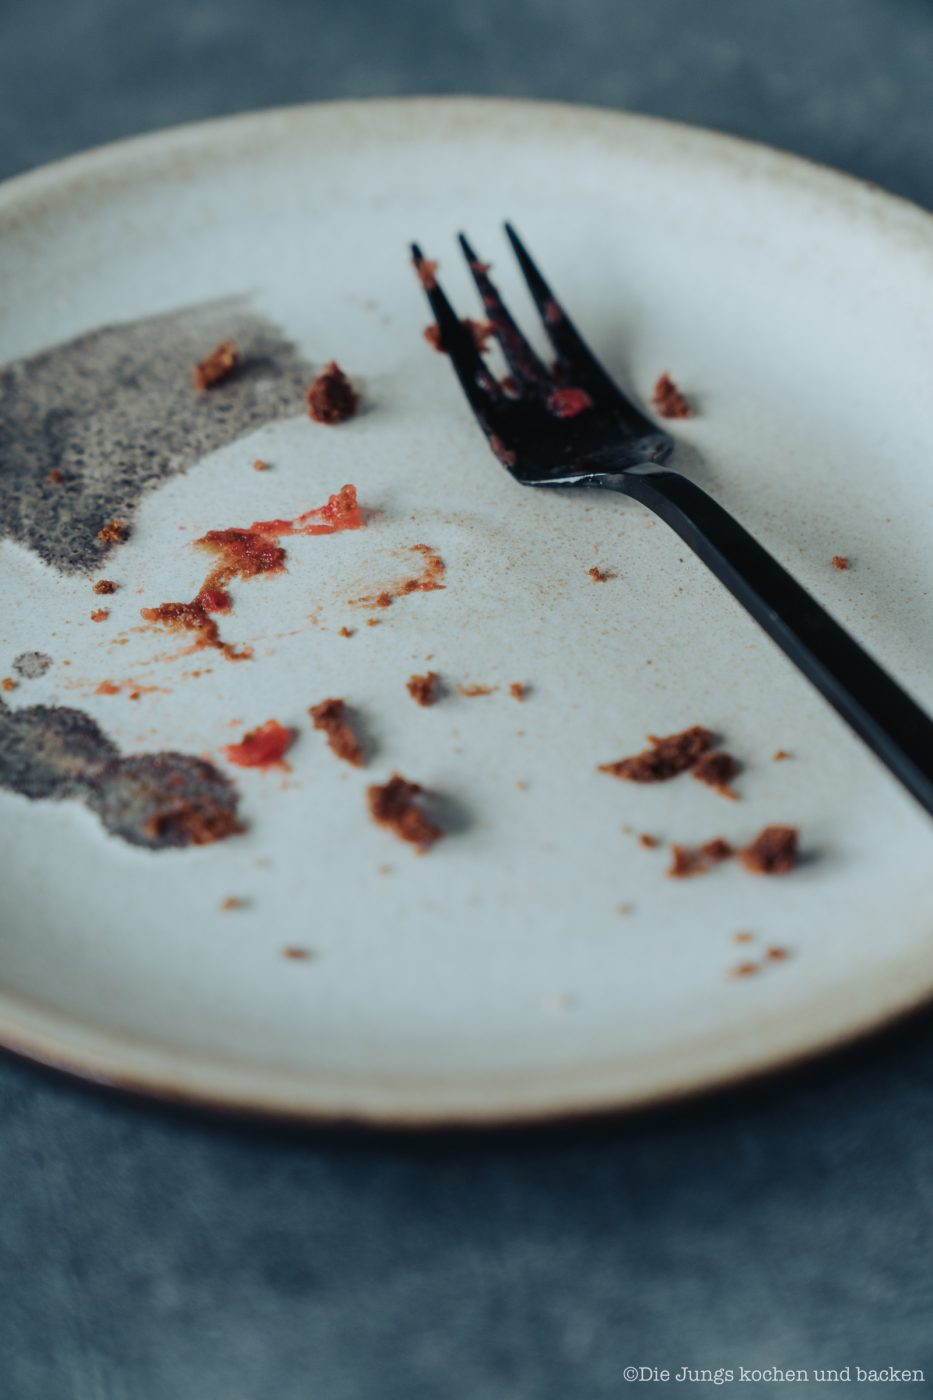 Zucchini Brownies 8 | Jetzt haben wir es doch tatsächlich geschafft, unseren Hashtag #ausversehenvegan einmal nicht wirklich verwenden zu können. Warum? Wir haben dieses Mal mit absoluter Absicht ein Rezept ausklamüsert, das von vornherein vegan sein sollte. Und da wir zu Ostern in diesem Jahr es nicht geschafft haben, unseren Carrot Cake zu backen, musste unbedingt ein Gemüse da hinein. Unsere Wahl fiel auf Zucchini. Und herausgekommen sind herrlich leckere, schokoladige und saftige Zucchini-Browinies.